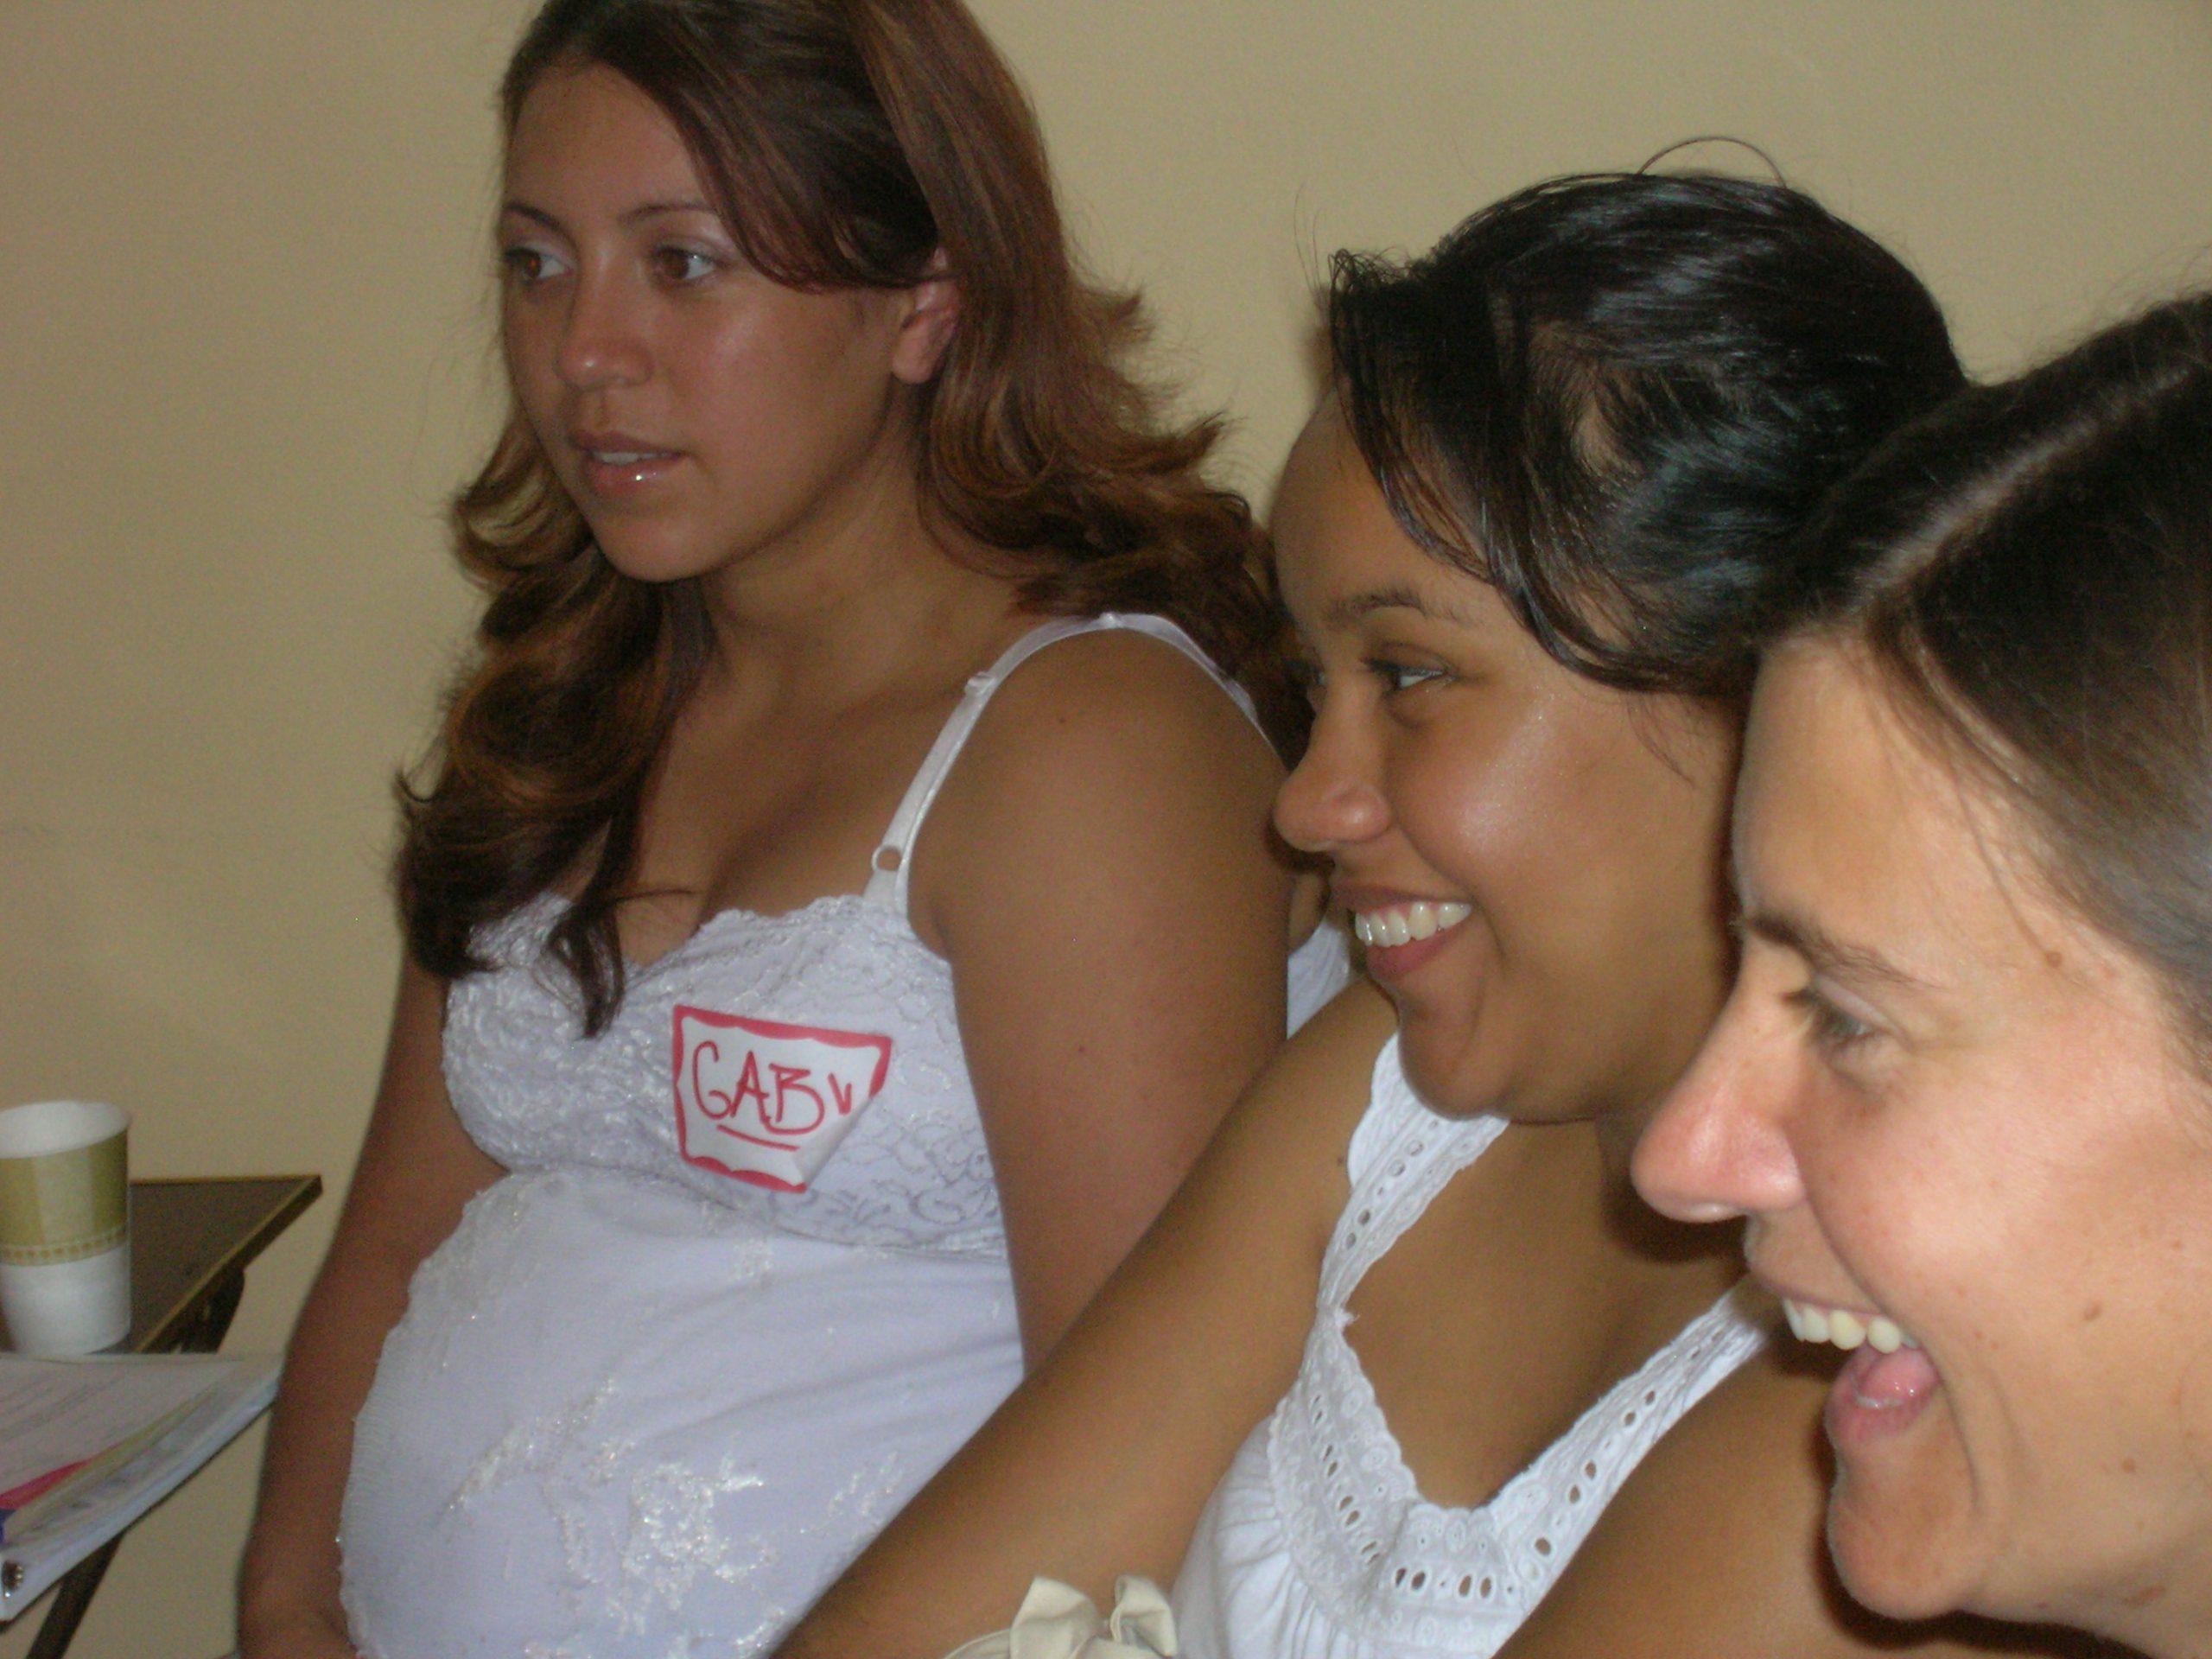 Pregnancy Circle participants